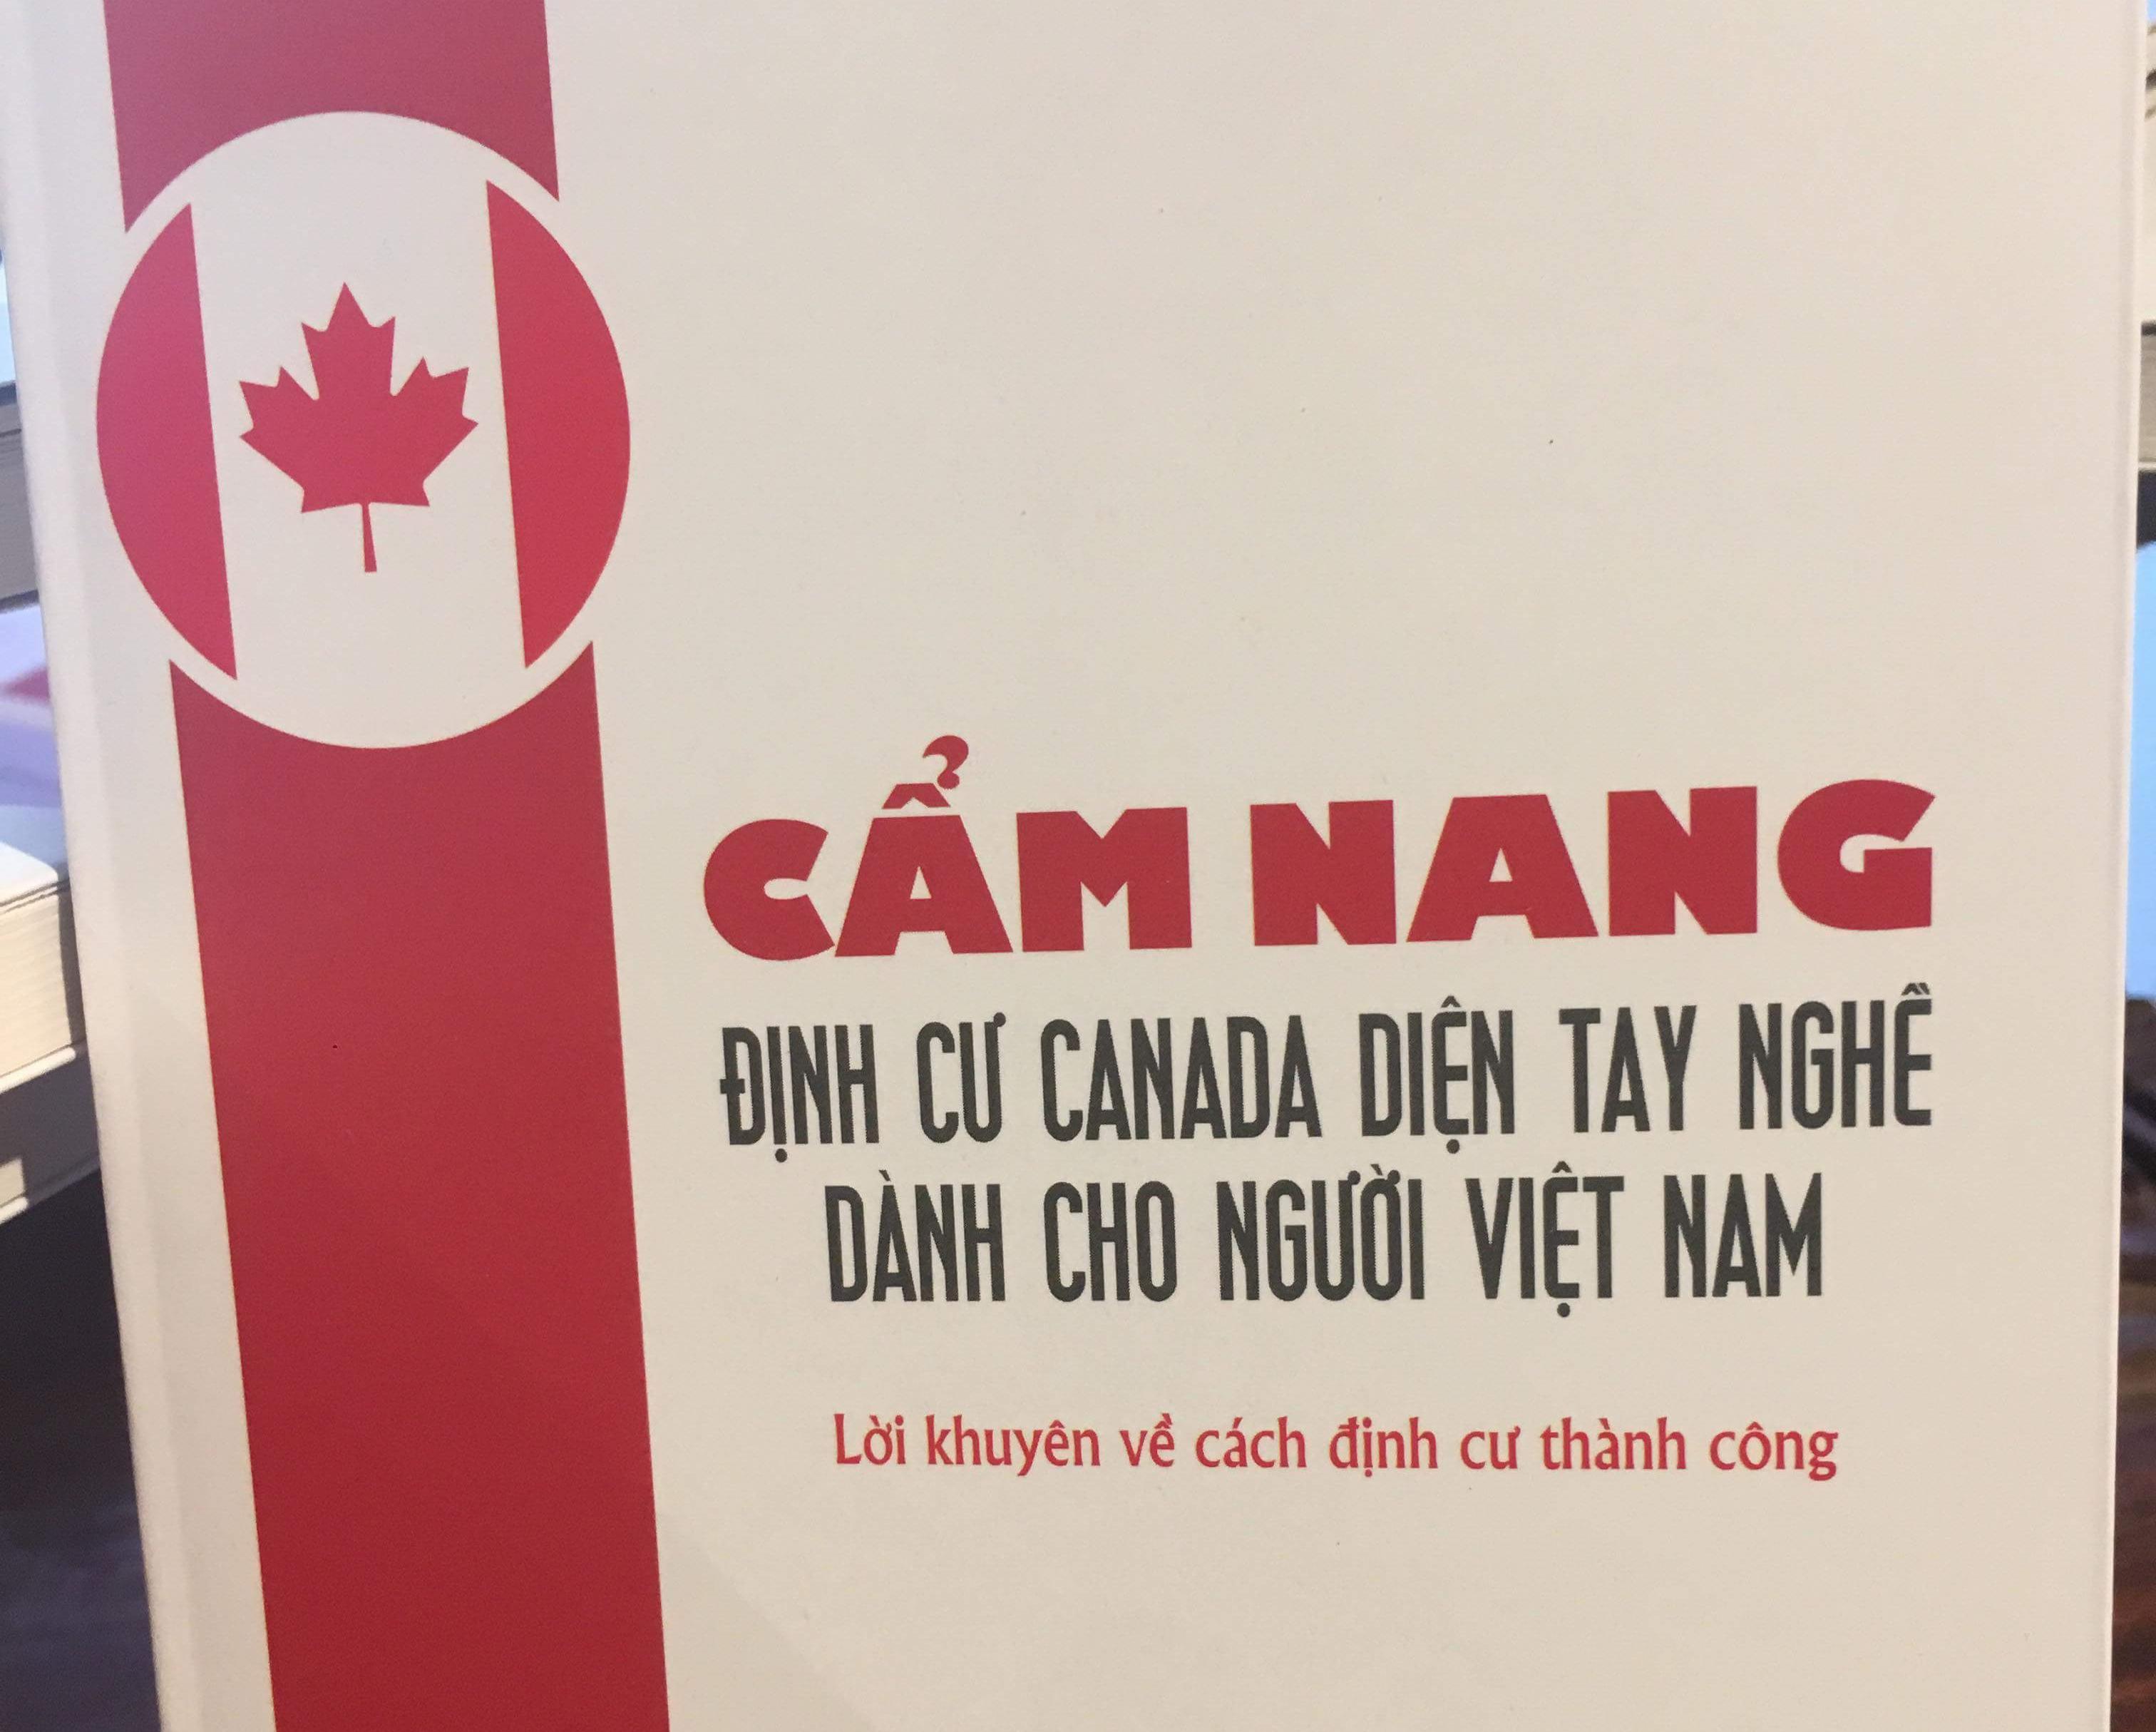 Cẩm nang đến Canada bạn cần biết